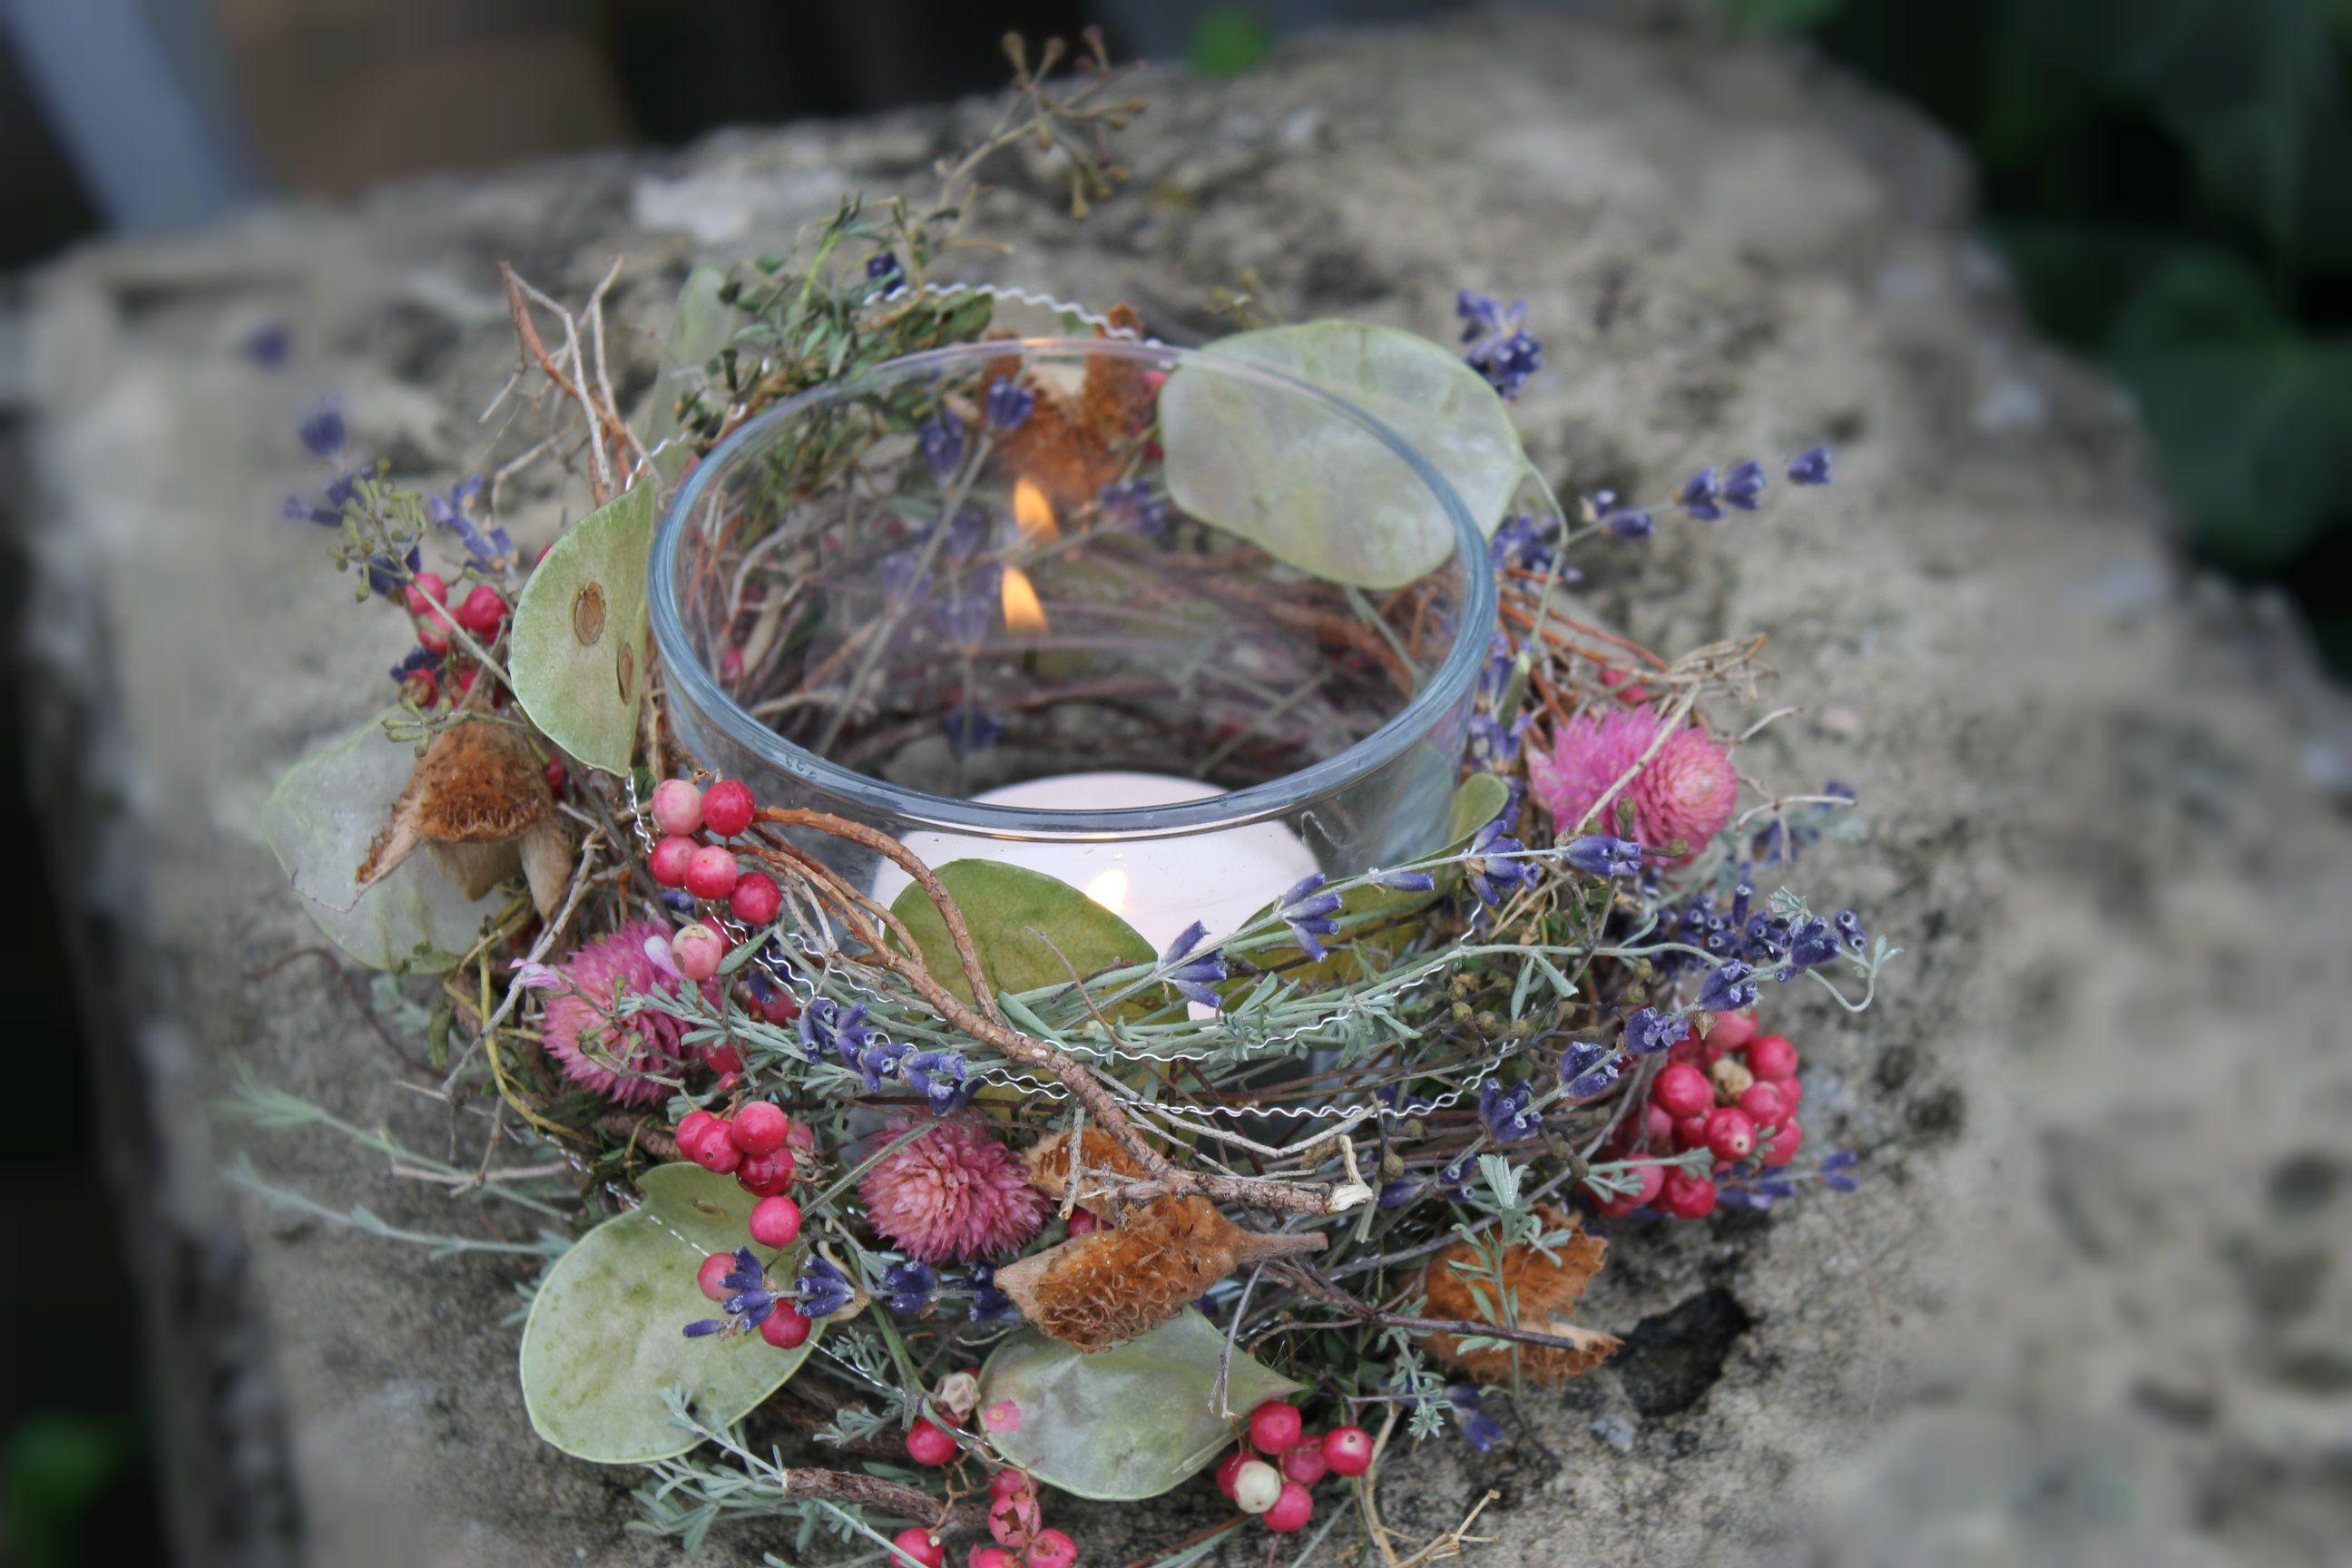 Herbstzauber im glas mit kerze kerzen deko ideen mit for Herbst dekoration im glas